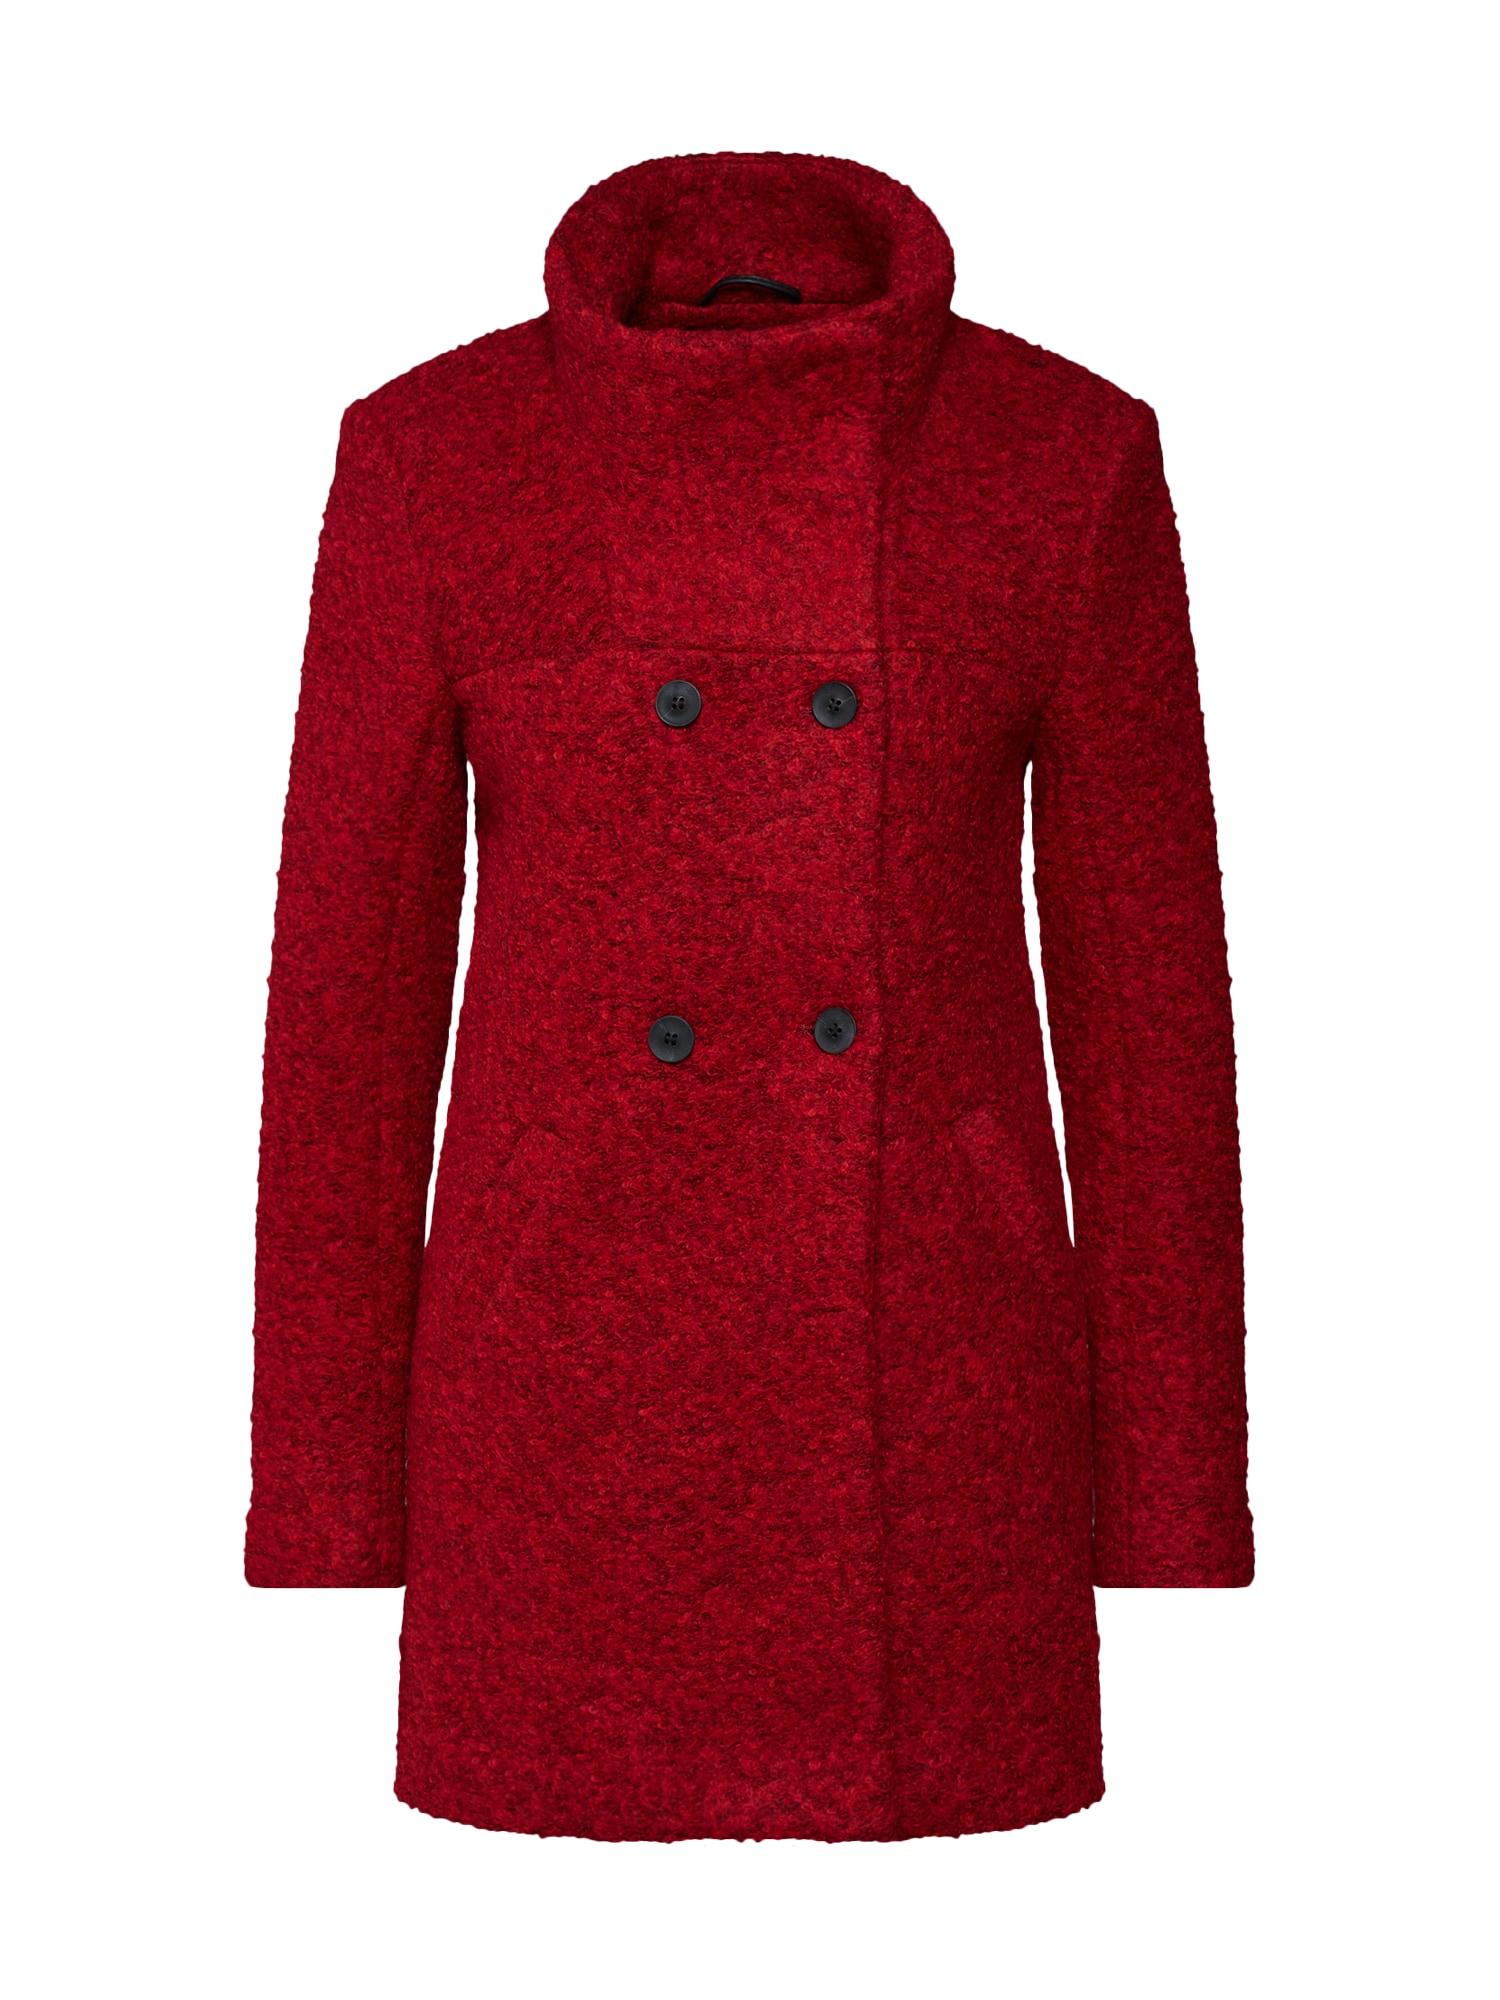 Přechodný kabát onlSOPHIA BOUCLE WOOL COAT CC červená burgundská červeň ONLY